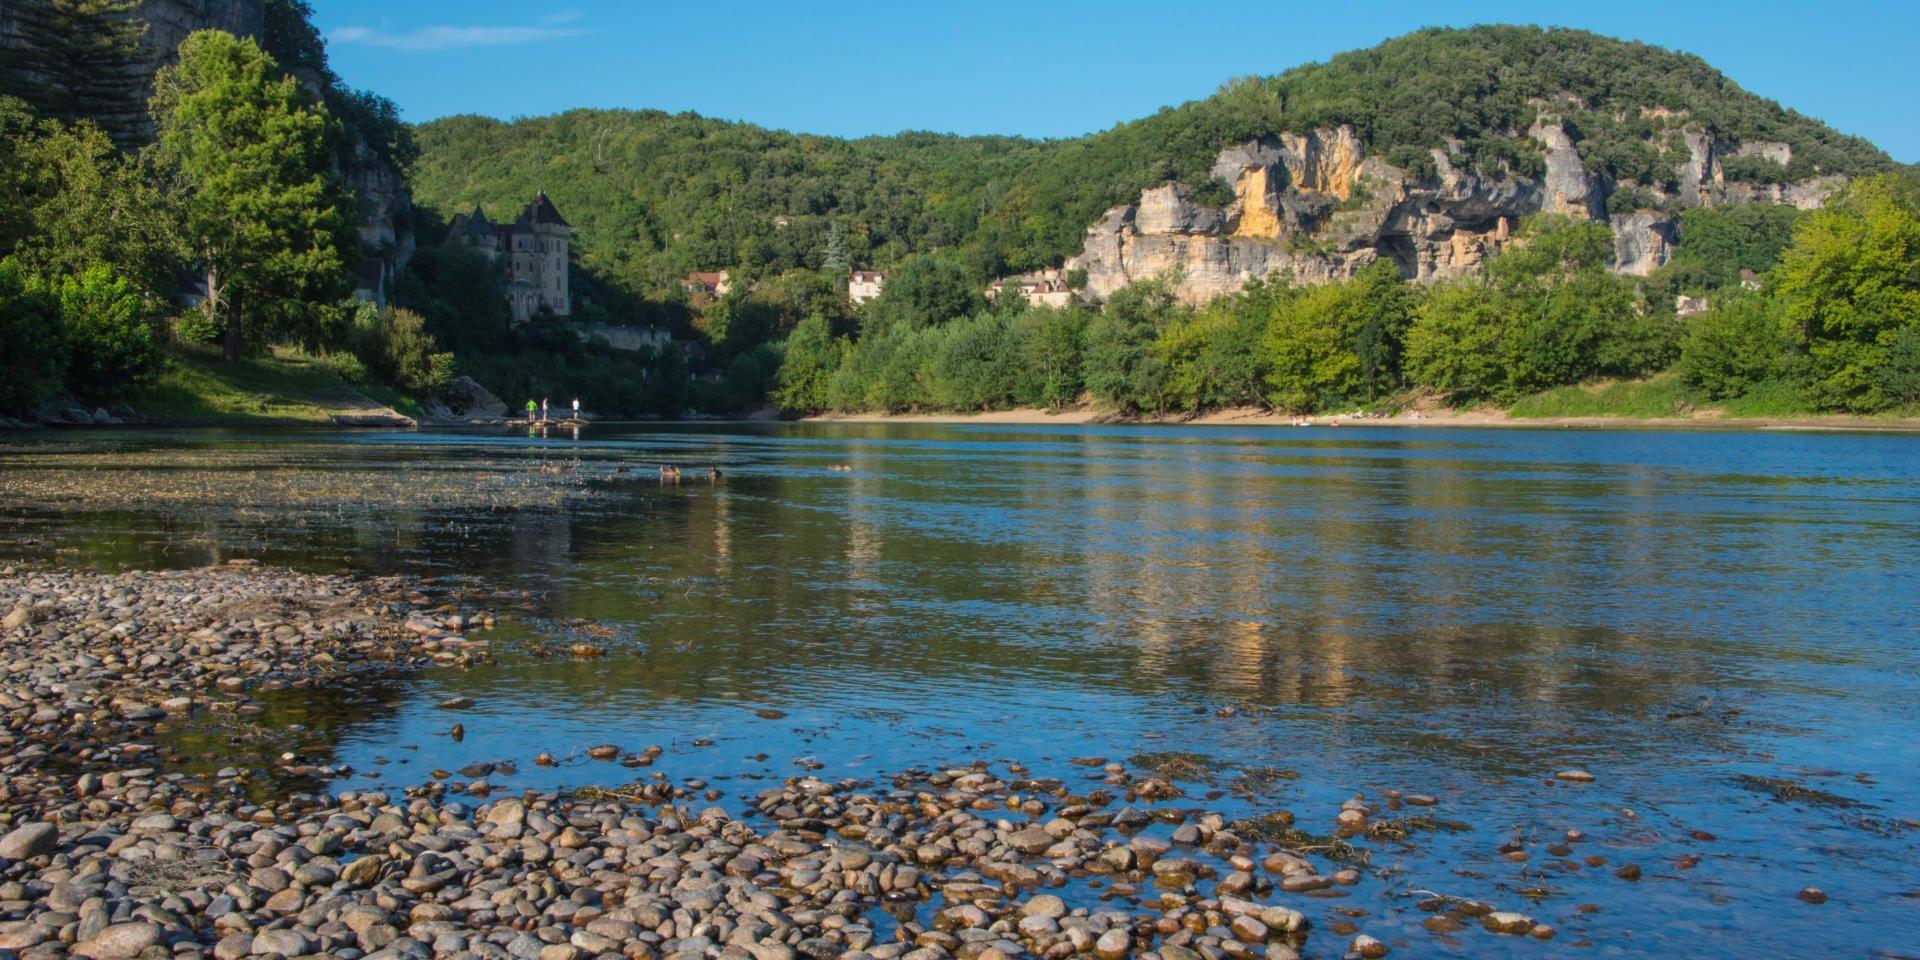 La Dordogne, un fleuve ou une rivière ?